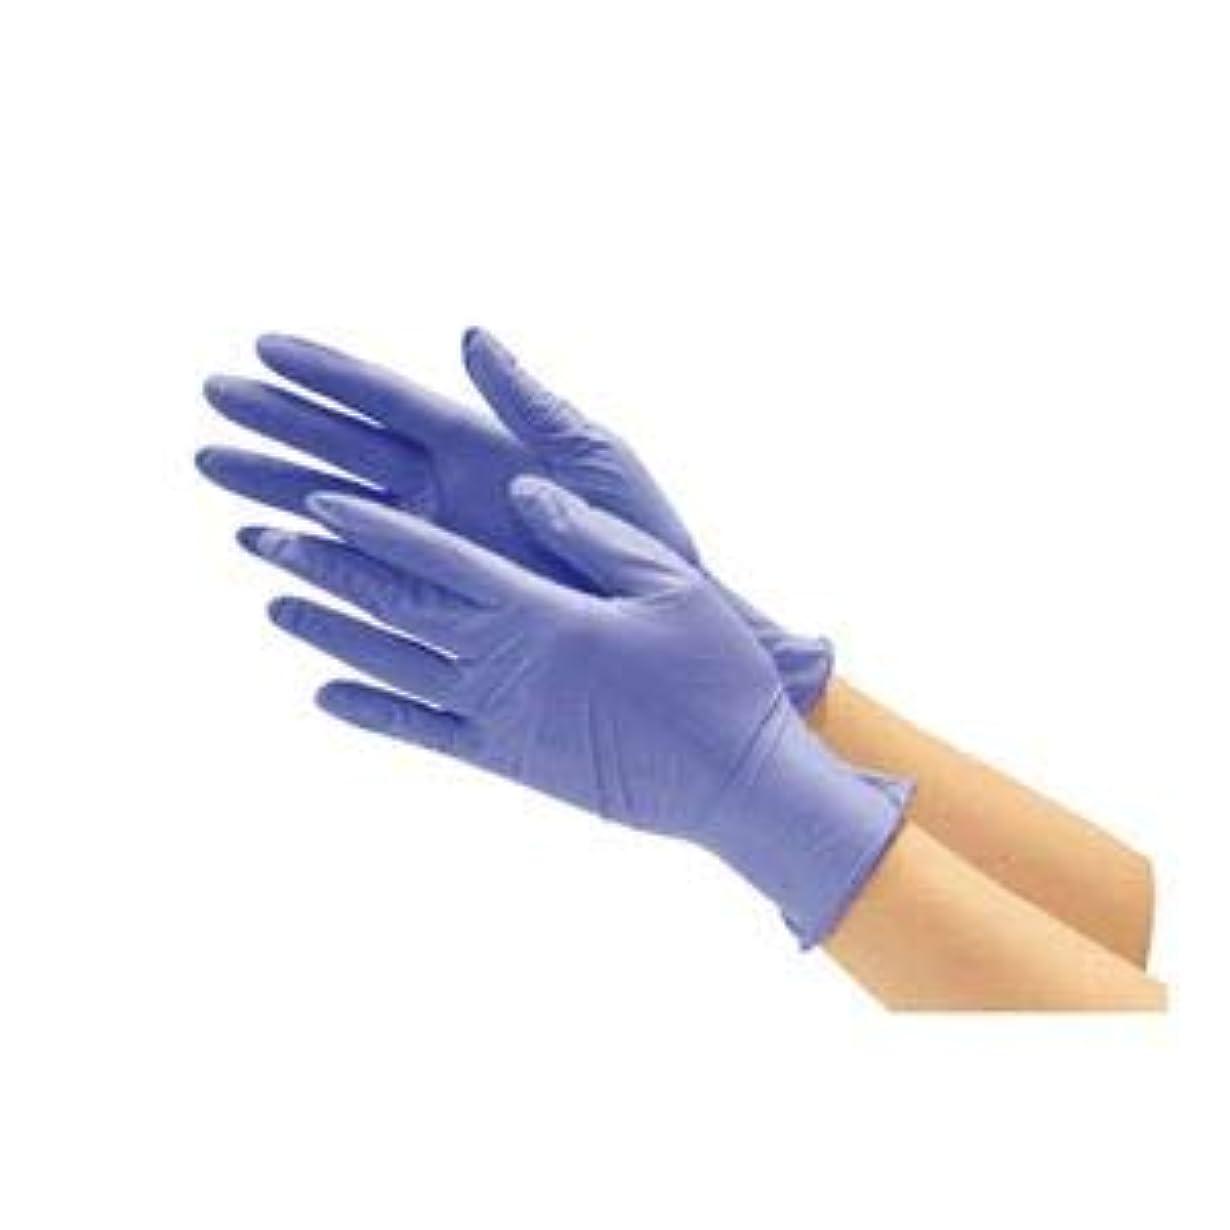 証拠苦悩結果川西工業 ニトリル使い切り手袋 ブルーL 10箱